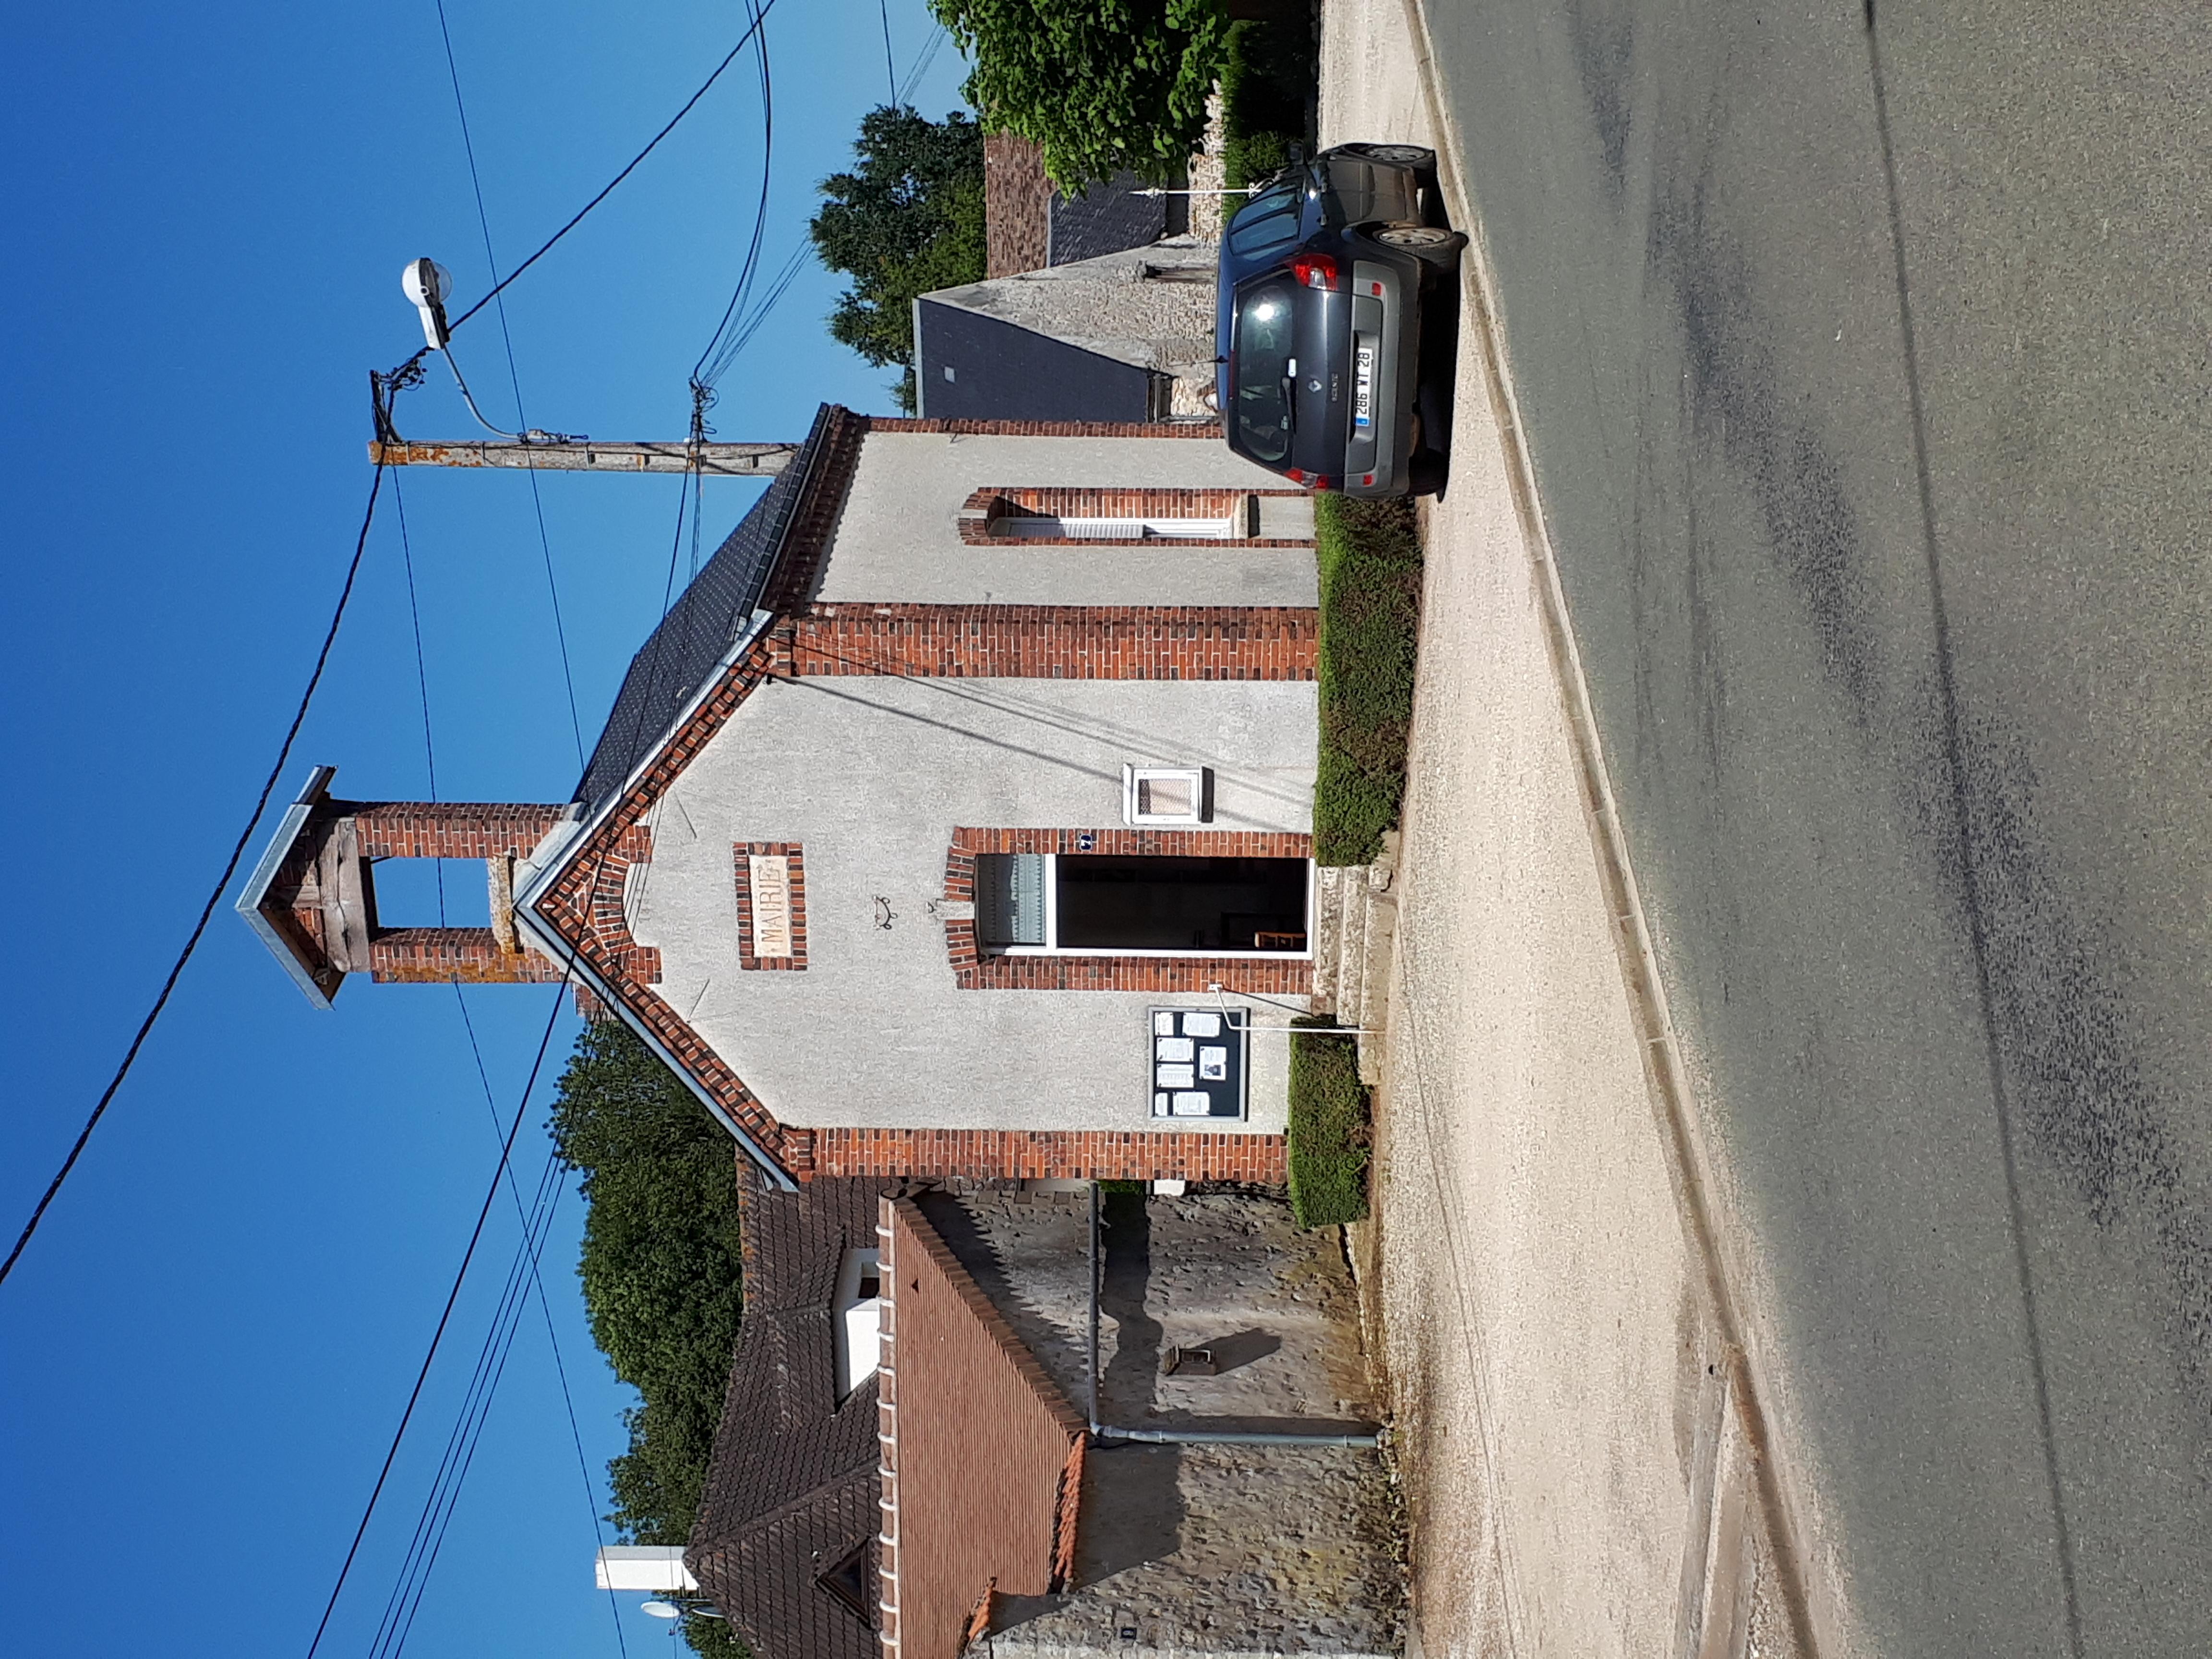 Morainville